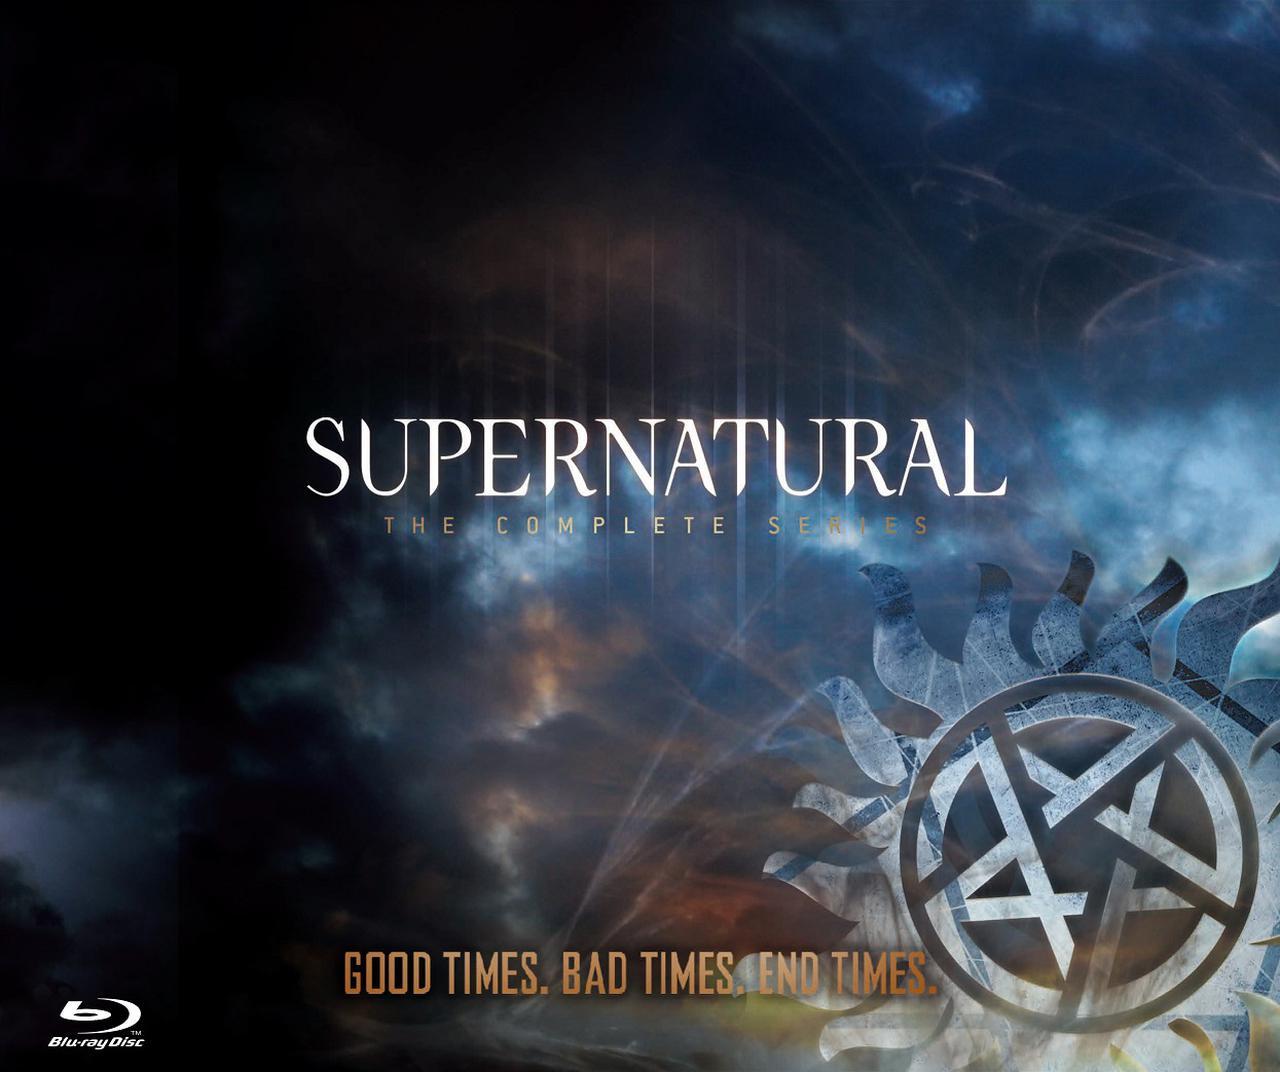 画像3: ついに最終章!「スーパーナチュラル」ファイナルシーズンのコンプリートBOX発売決定